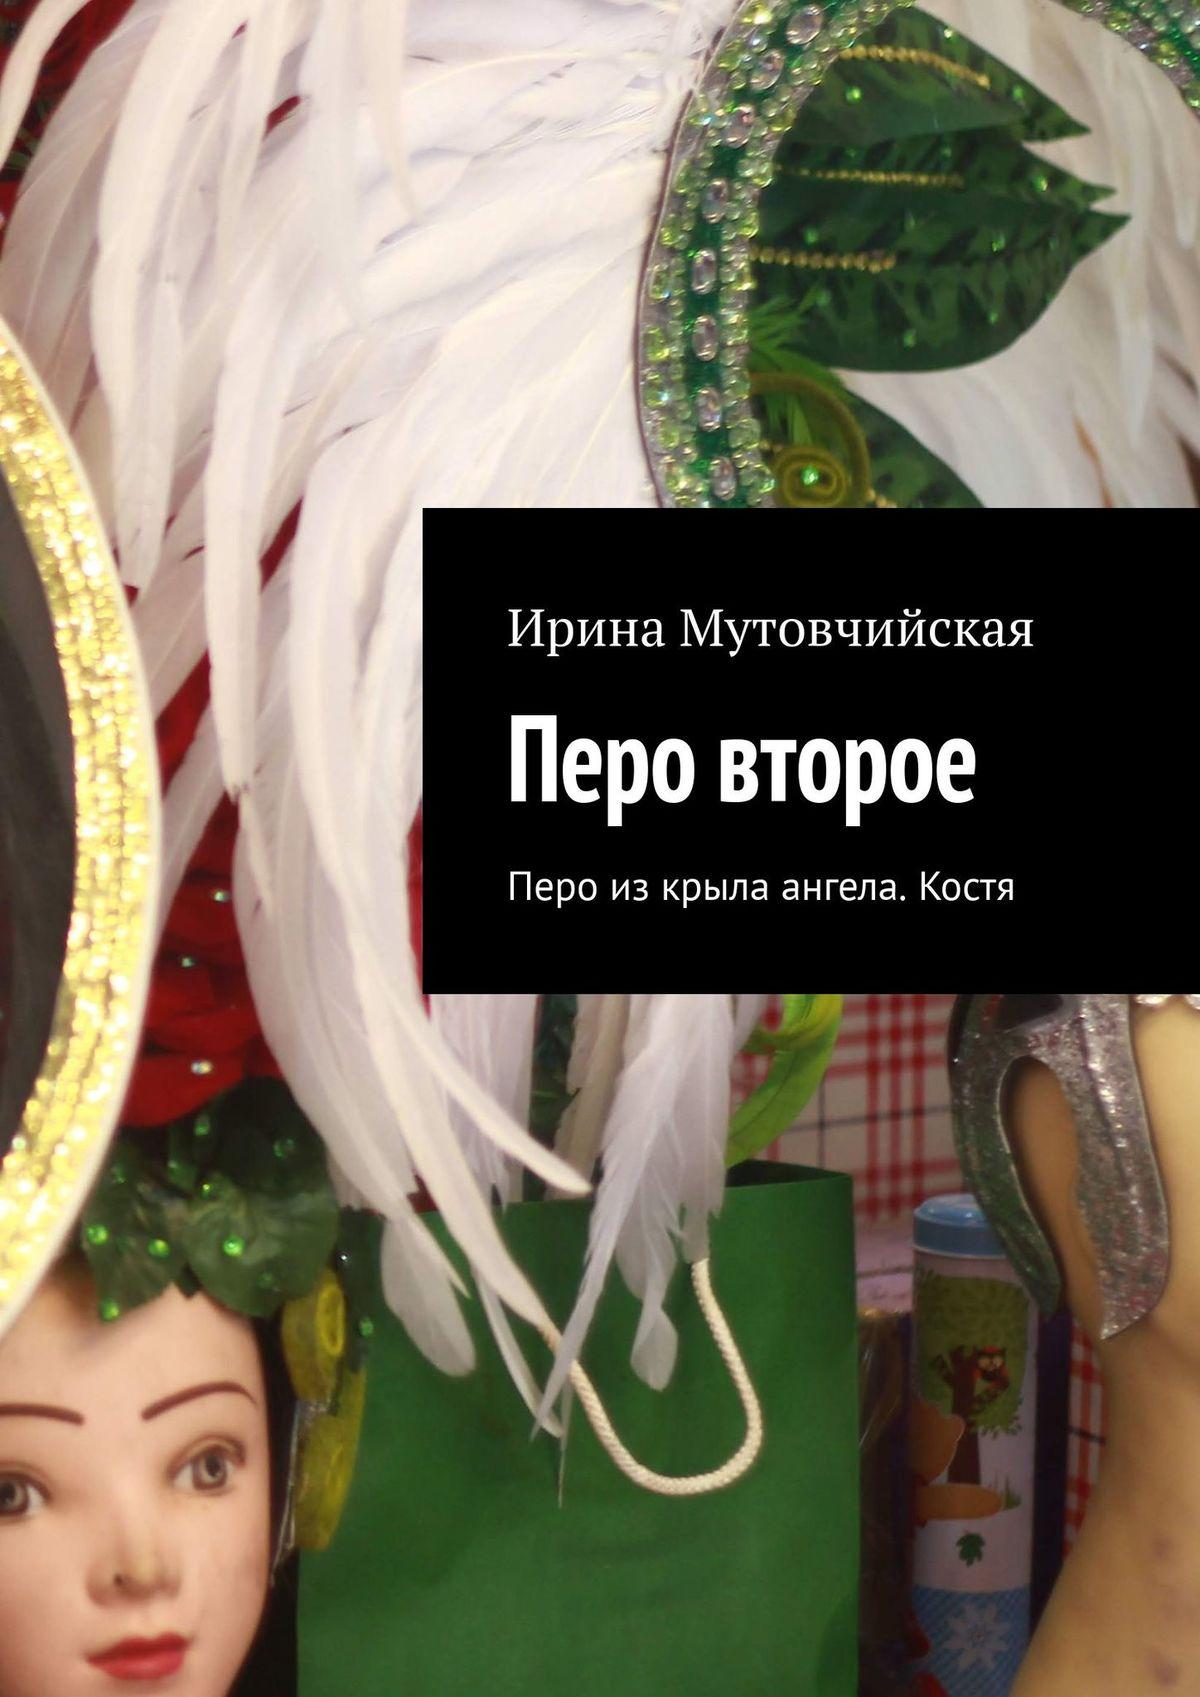 Фото - Ирина Мутовчийская Перо второе. Перо изкрыла ангела. Костя и и жерневская чаша пятого ангела